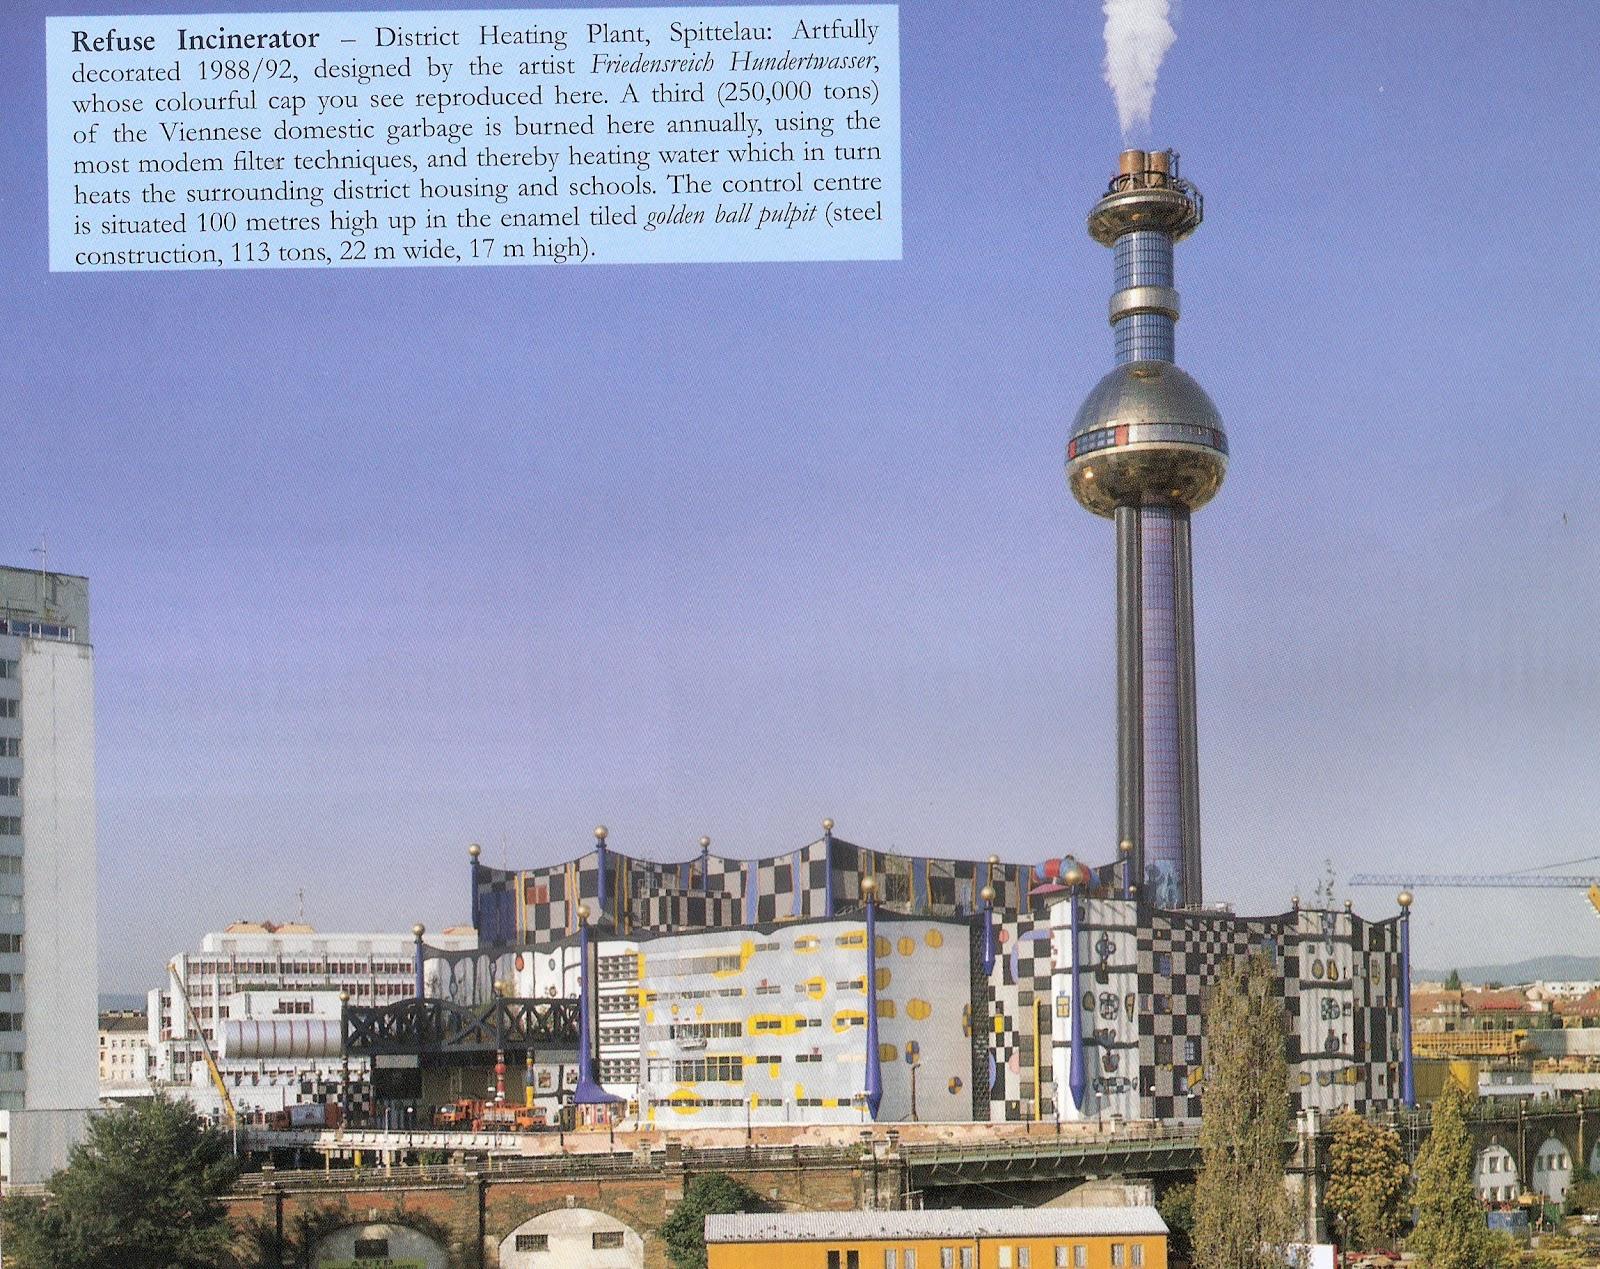 Refuse Incinerator,Vienna